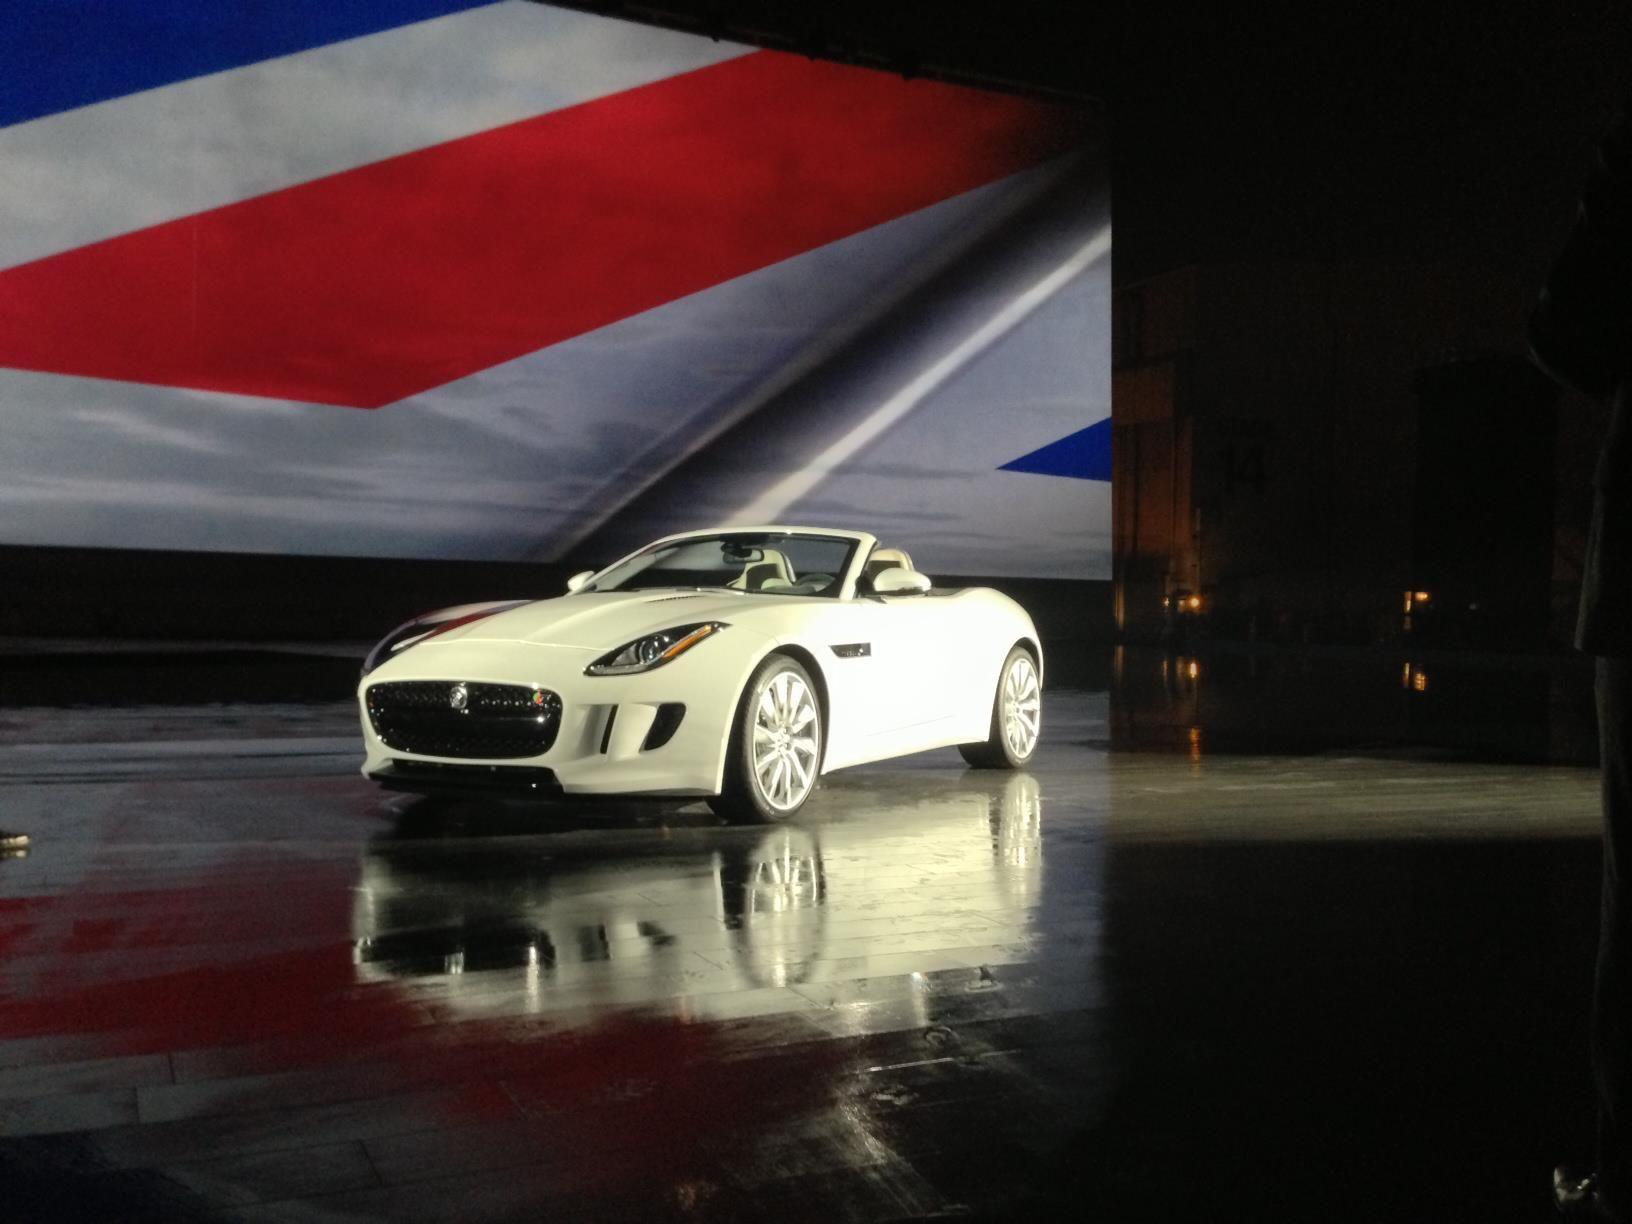 Jaguar F-Type at the LA Auto Show #jaguar #ftype #luxury #sports #convertible #auto #la #bennettklr #allentown #pennsylvania